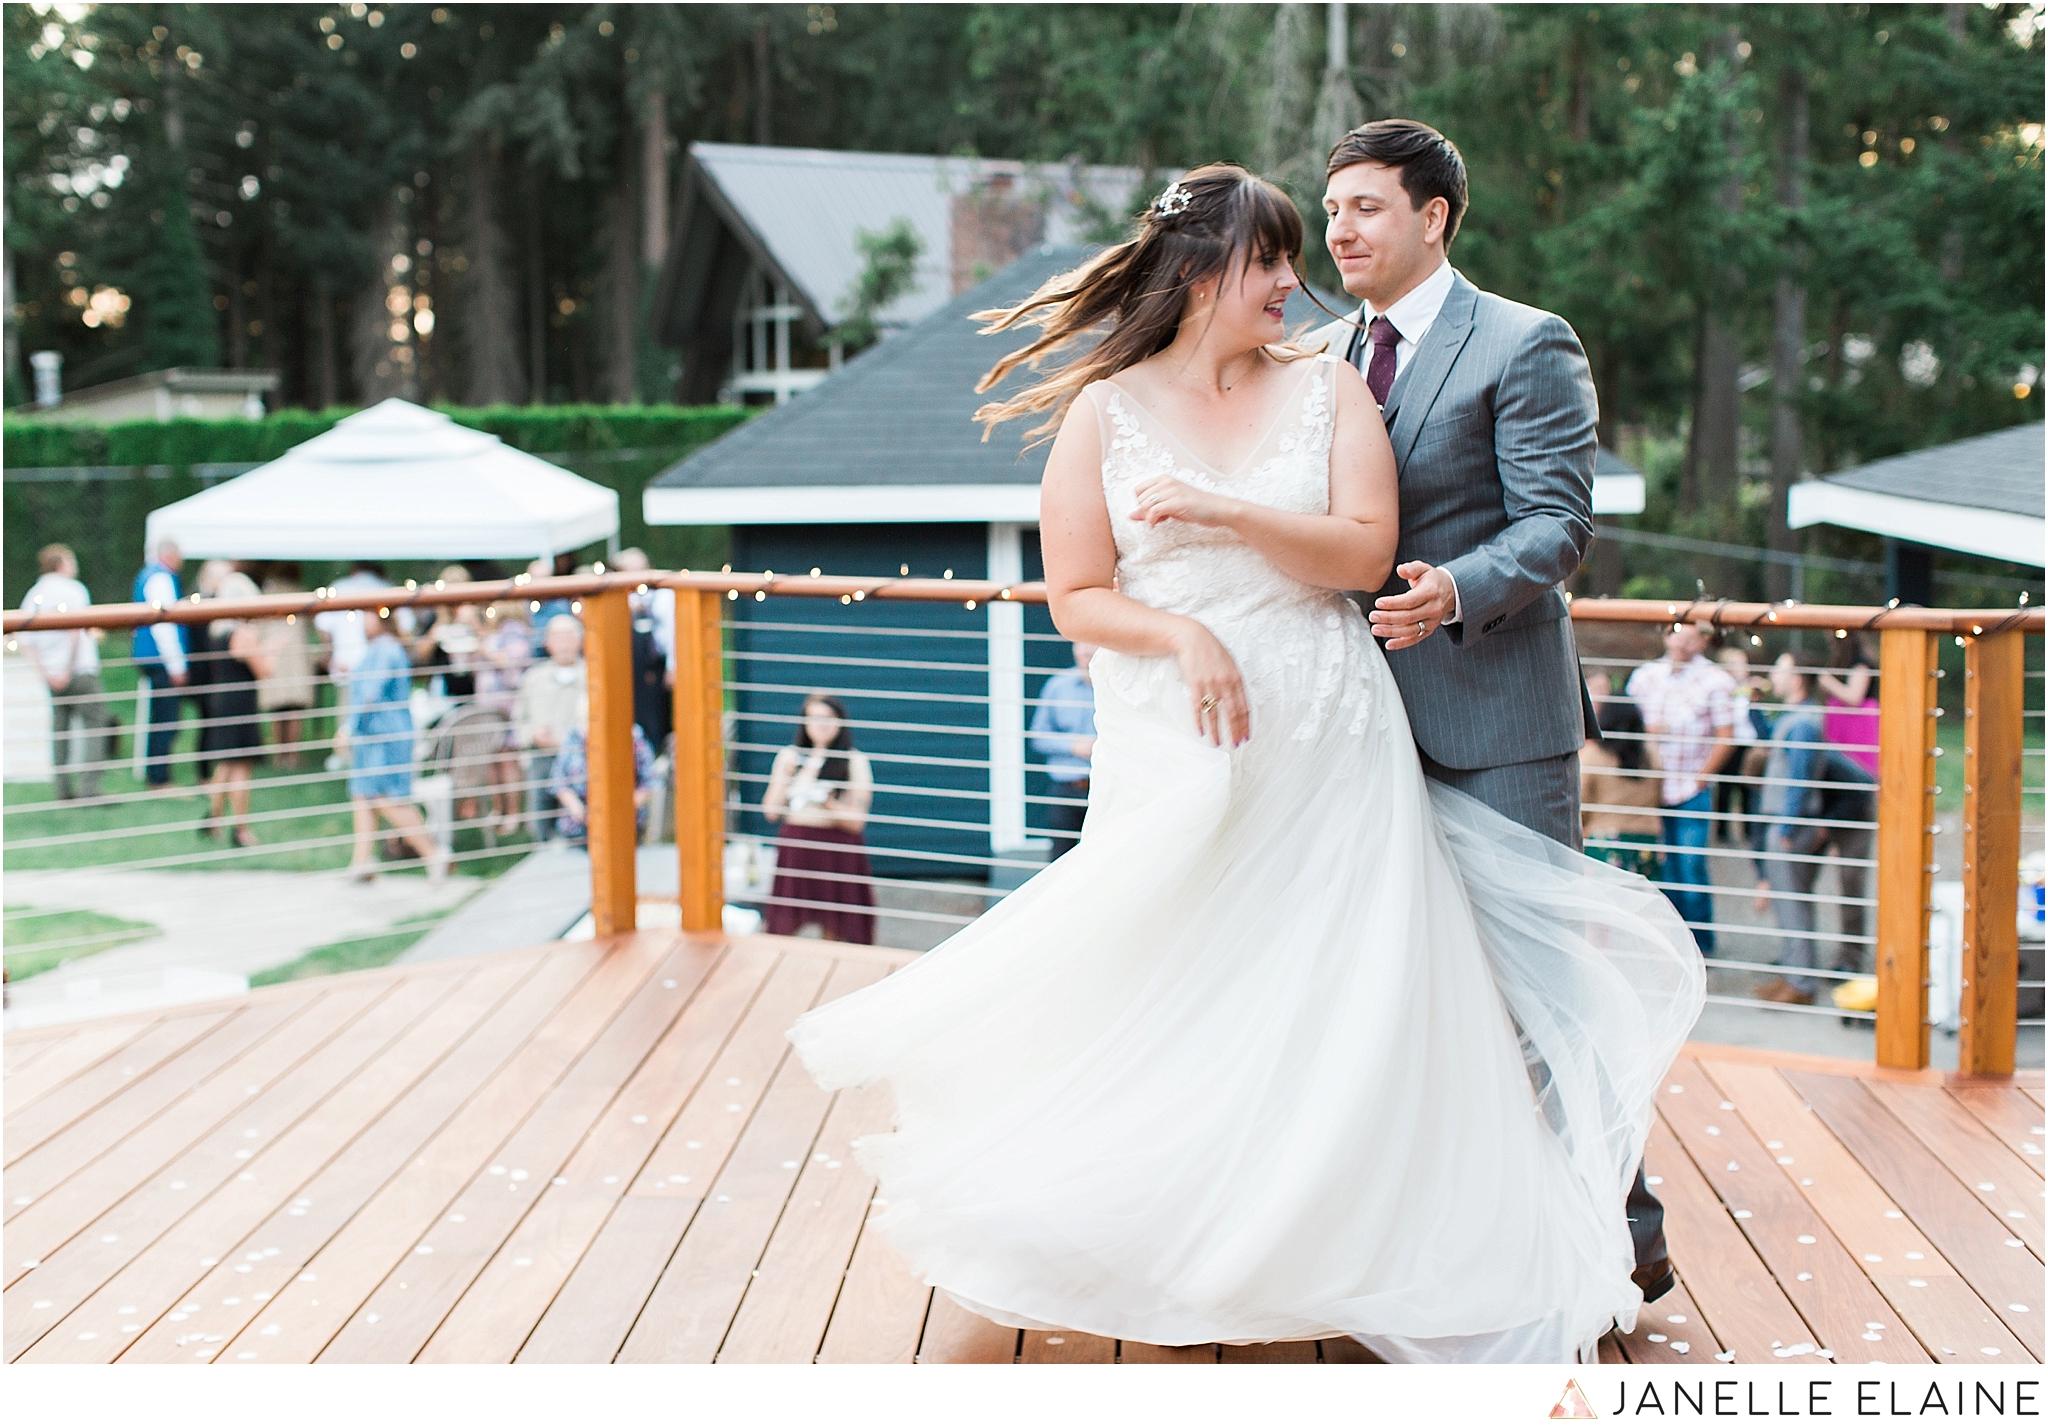 seattle-portrait-engagement-wedding-photographer-janelle-elaine-photography-83.jpg